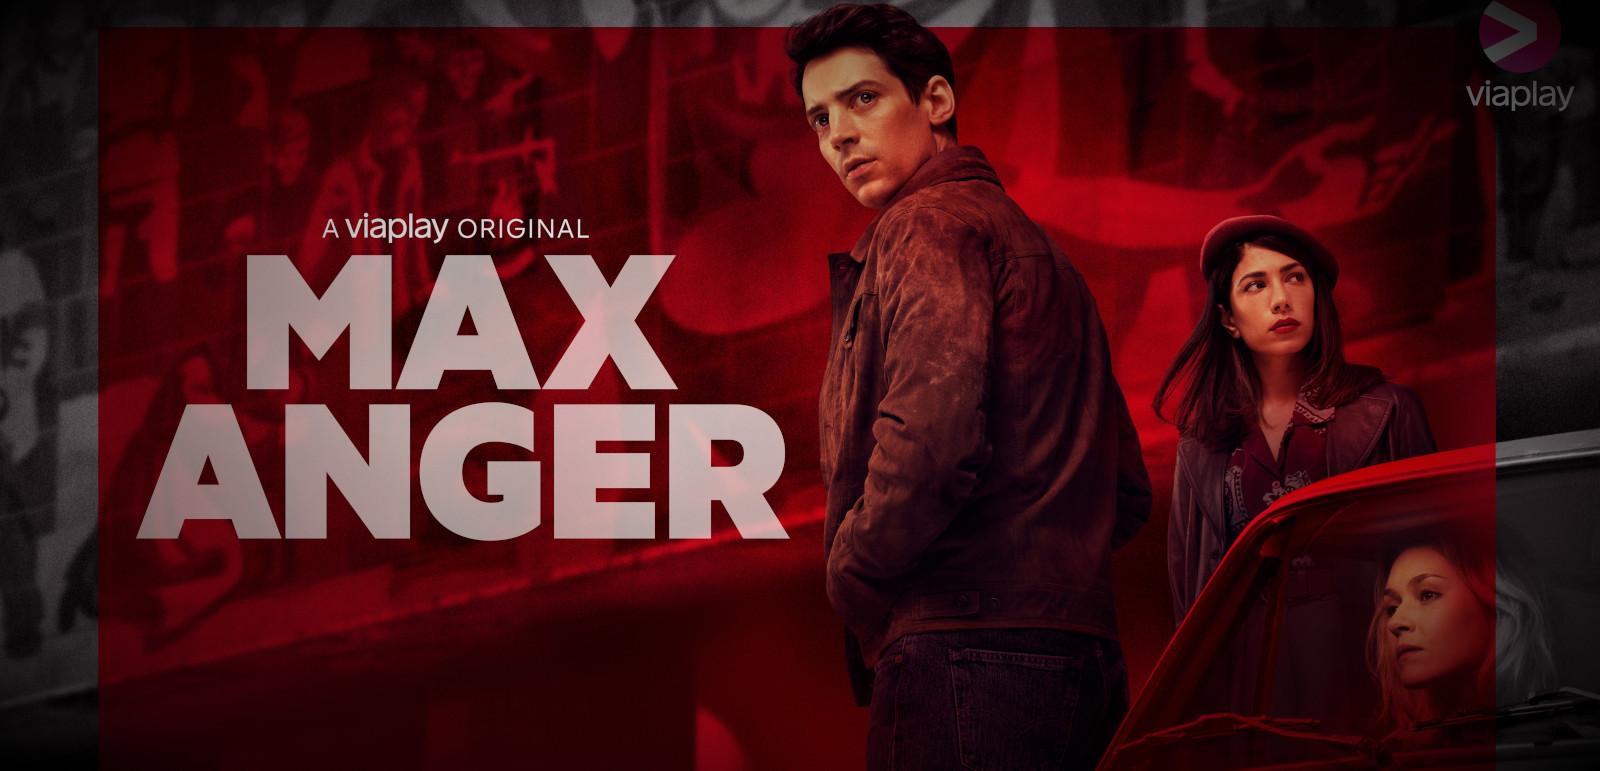 Max Anger på Viaplay